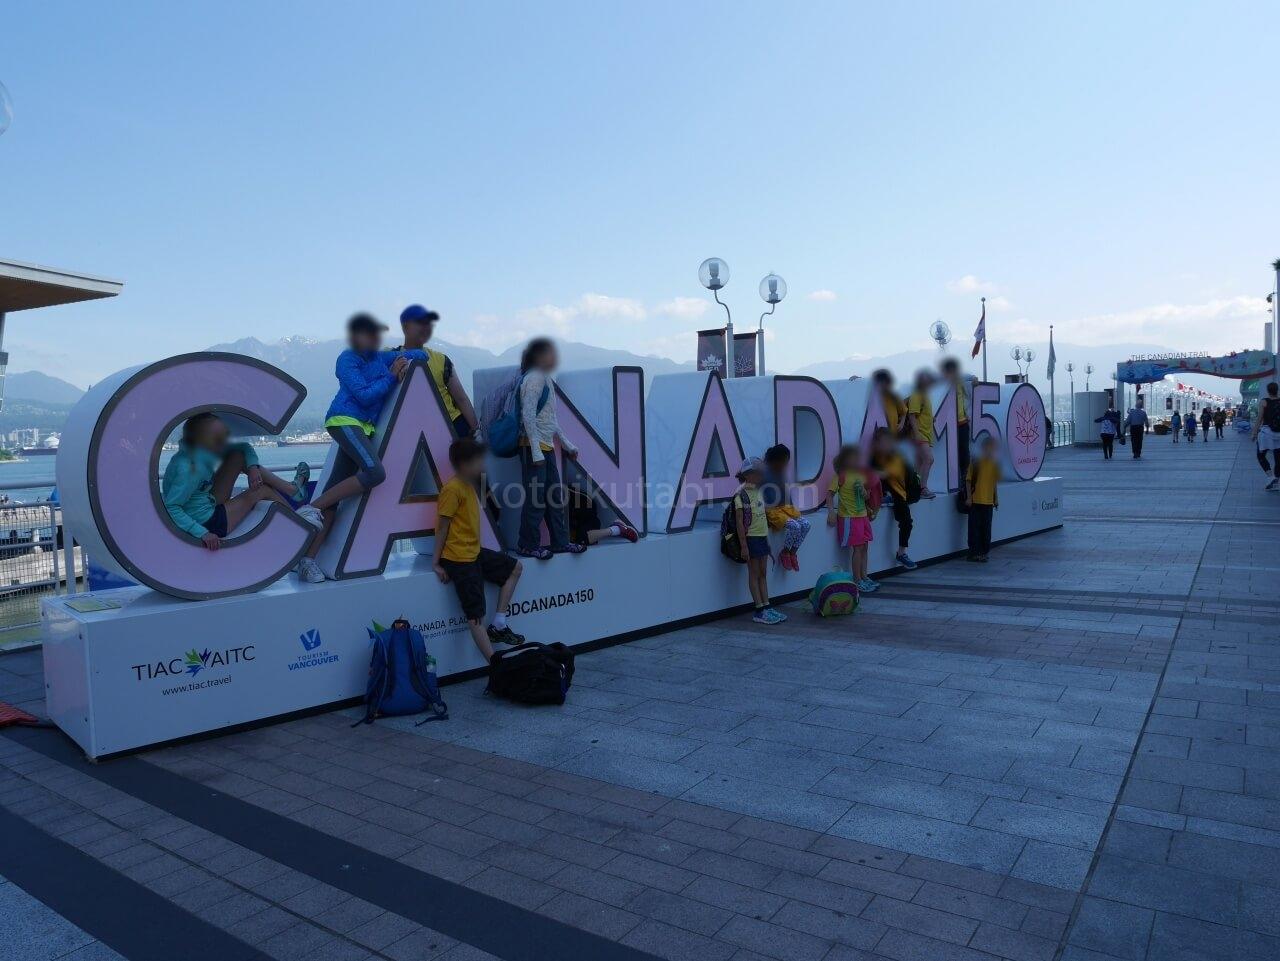 カナダプレイスに設置されていたカナダ150周年のオブジェ